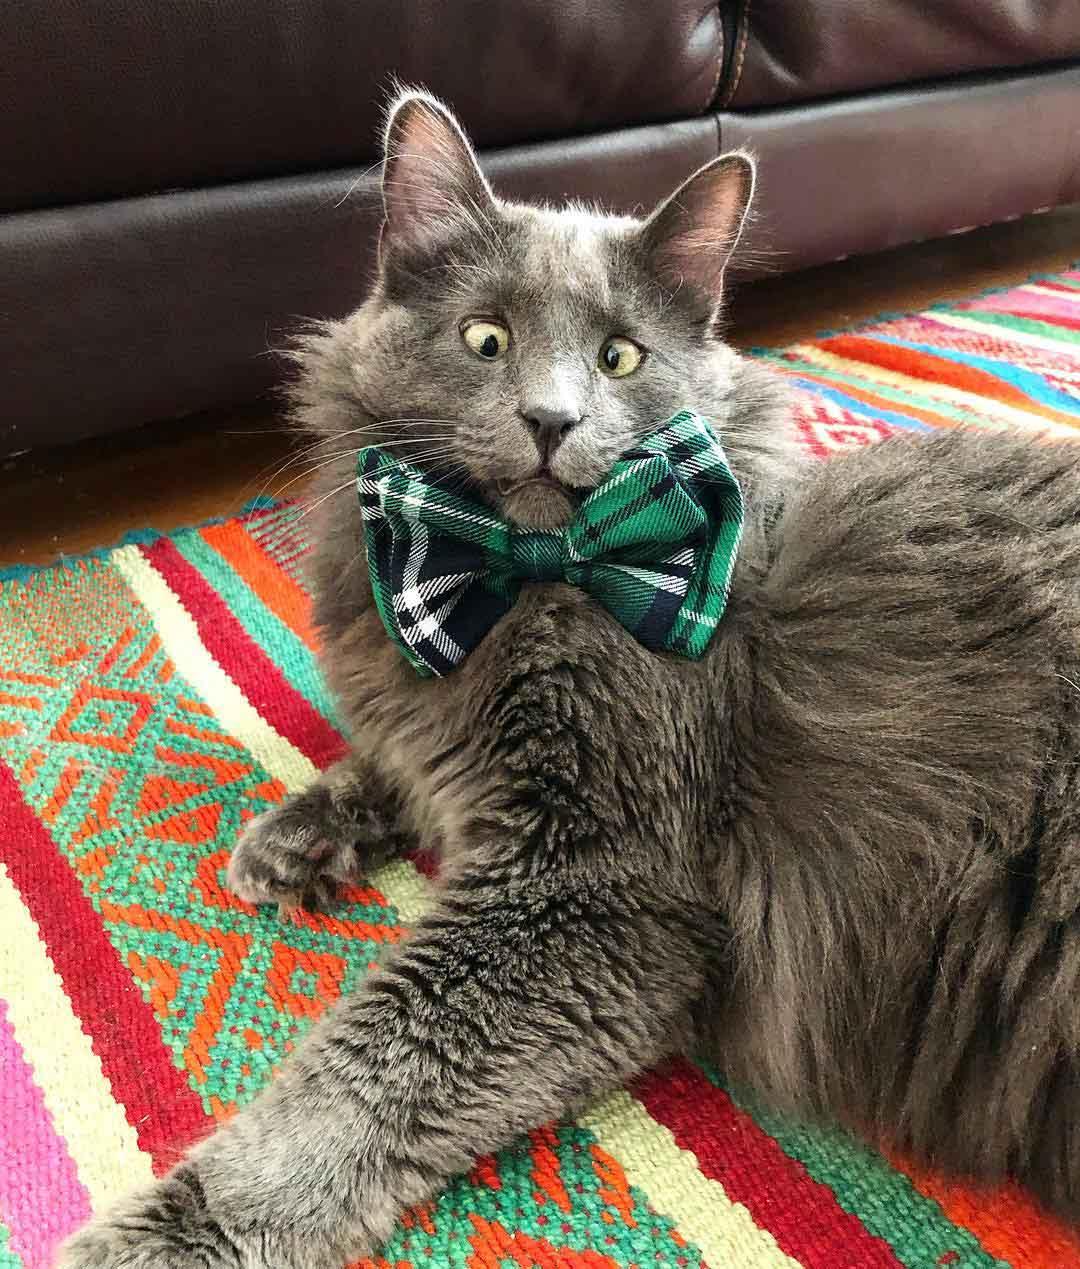 Belarus Adorable Cross-Eyed cat Instagram